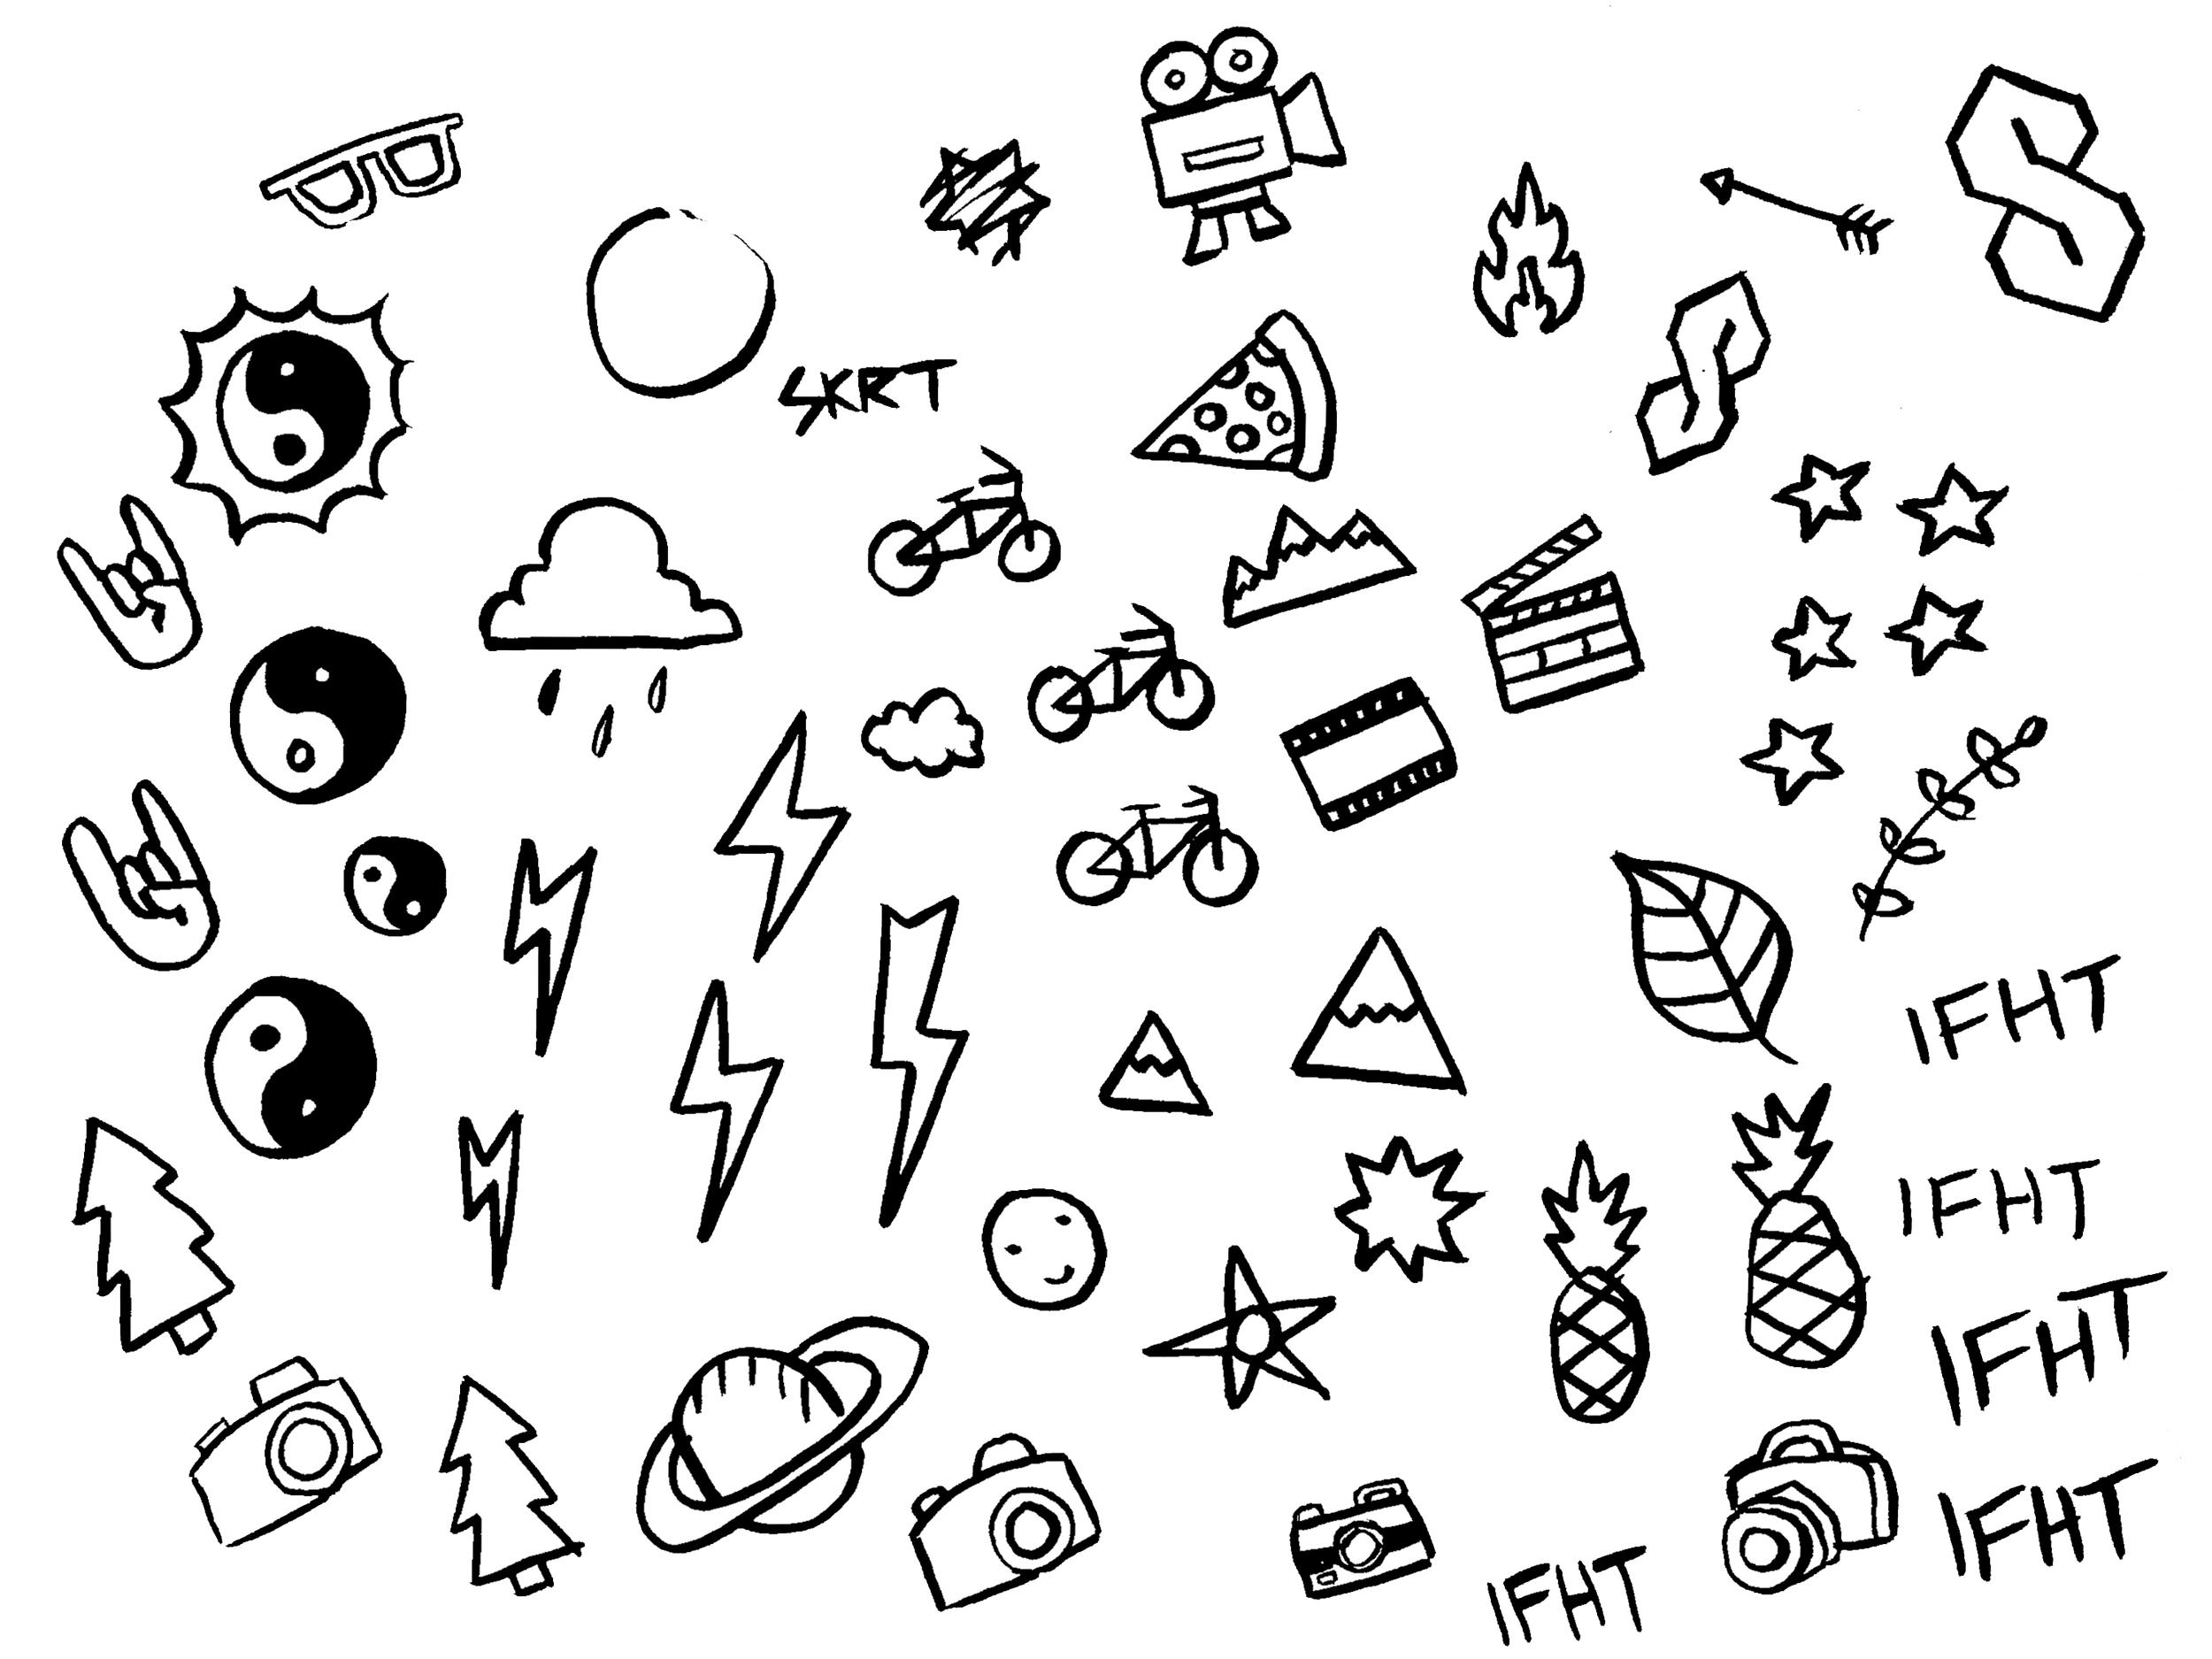 Matt Dennison's doodles.